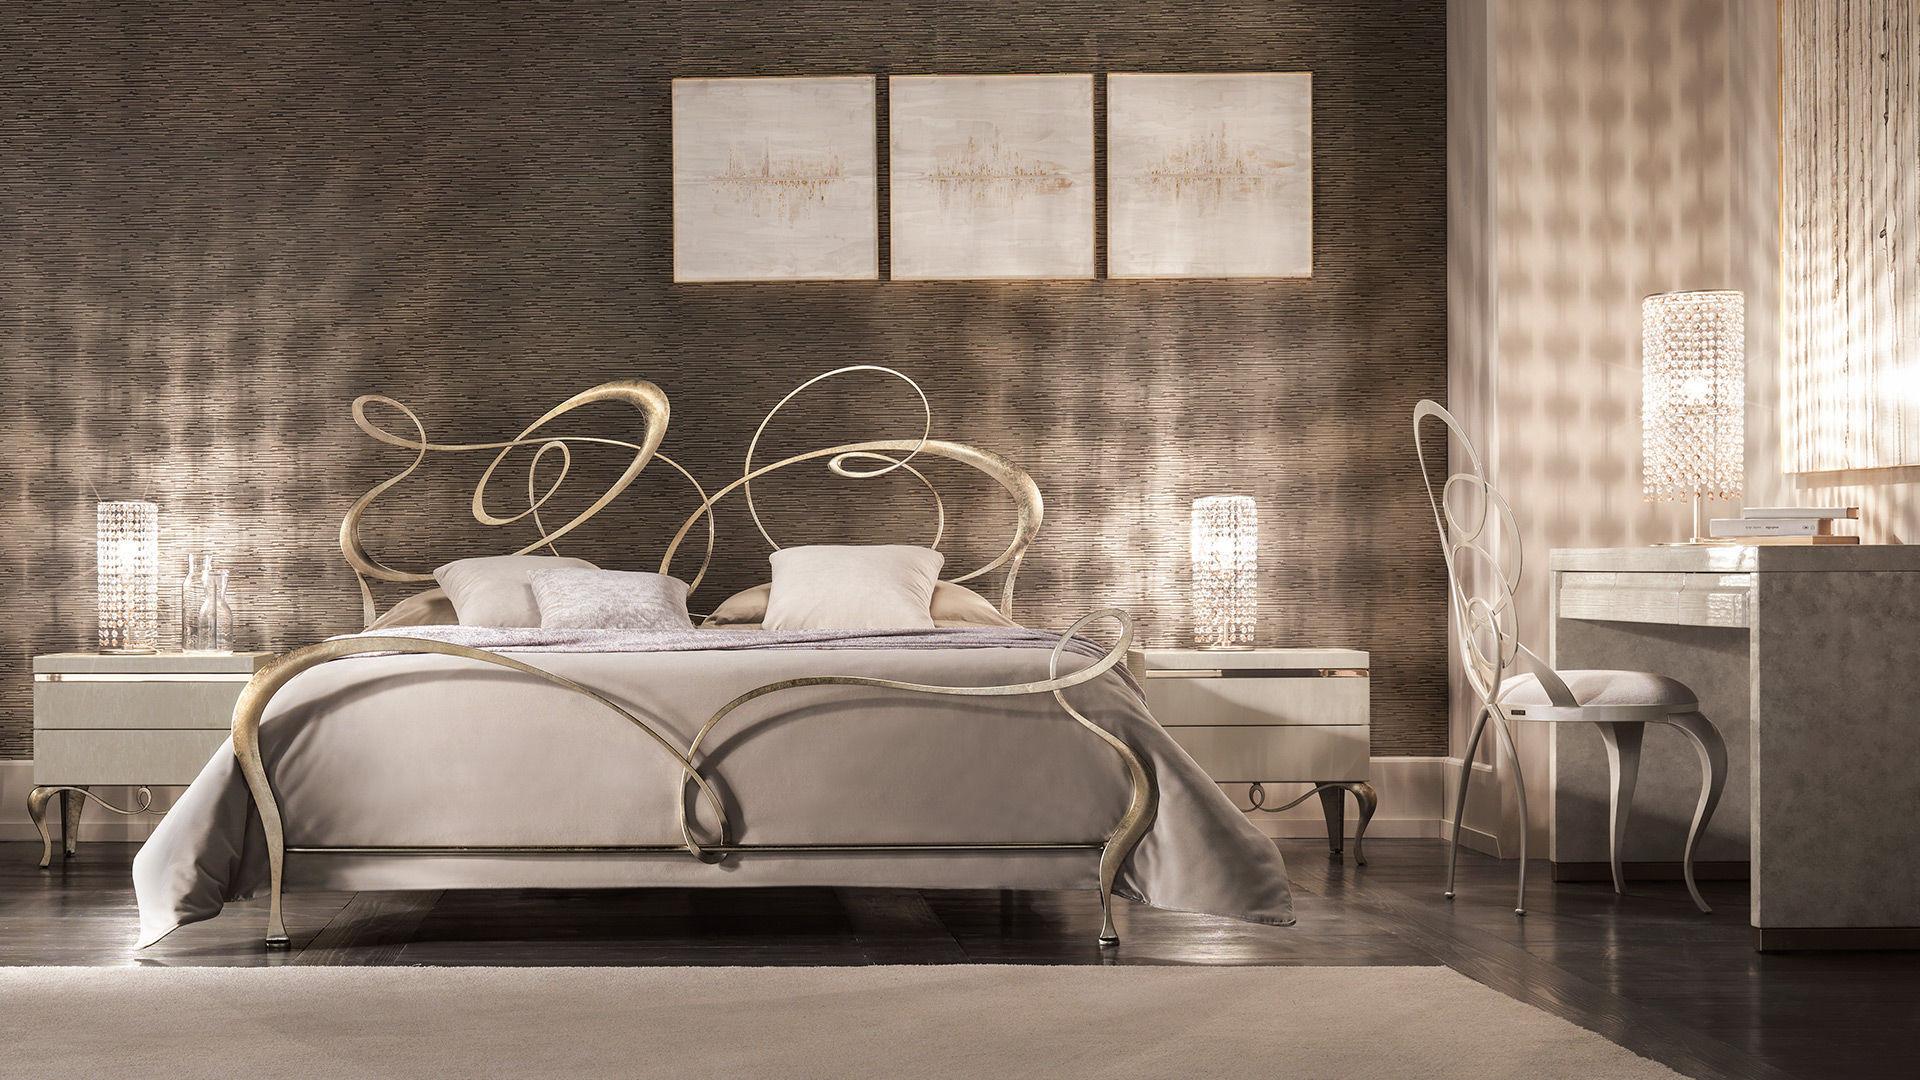 Letto standard / doppio / design nuovo barocco / in ferro battuto ...